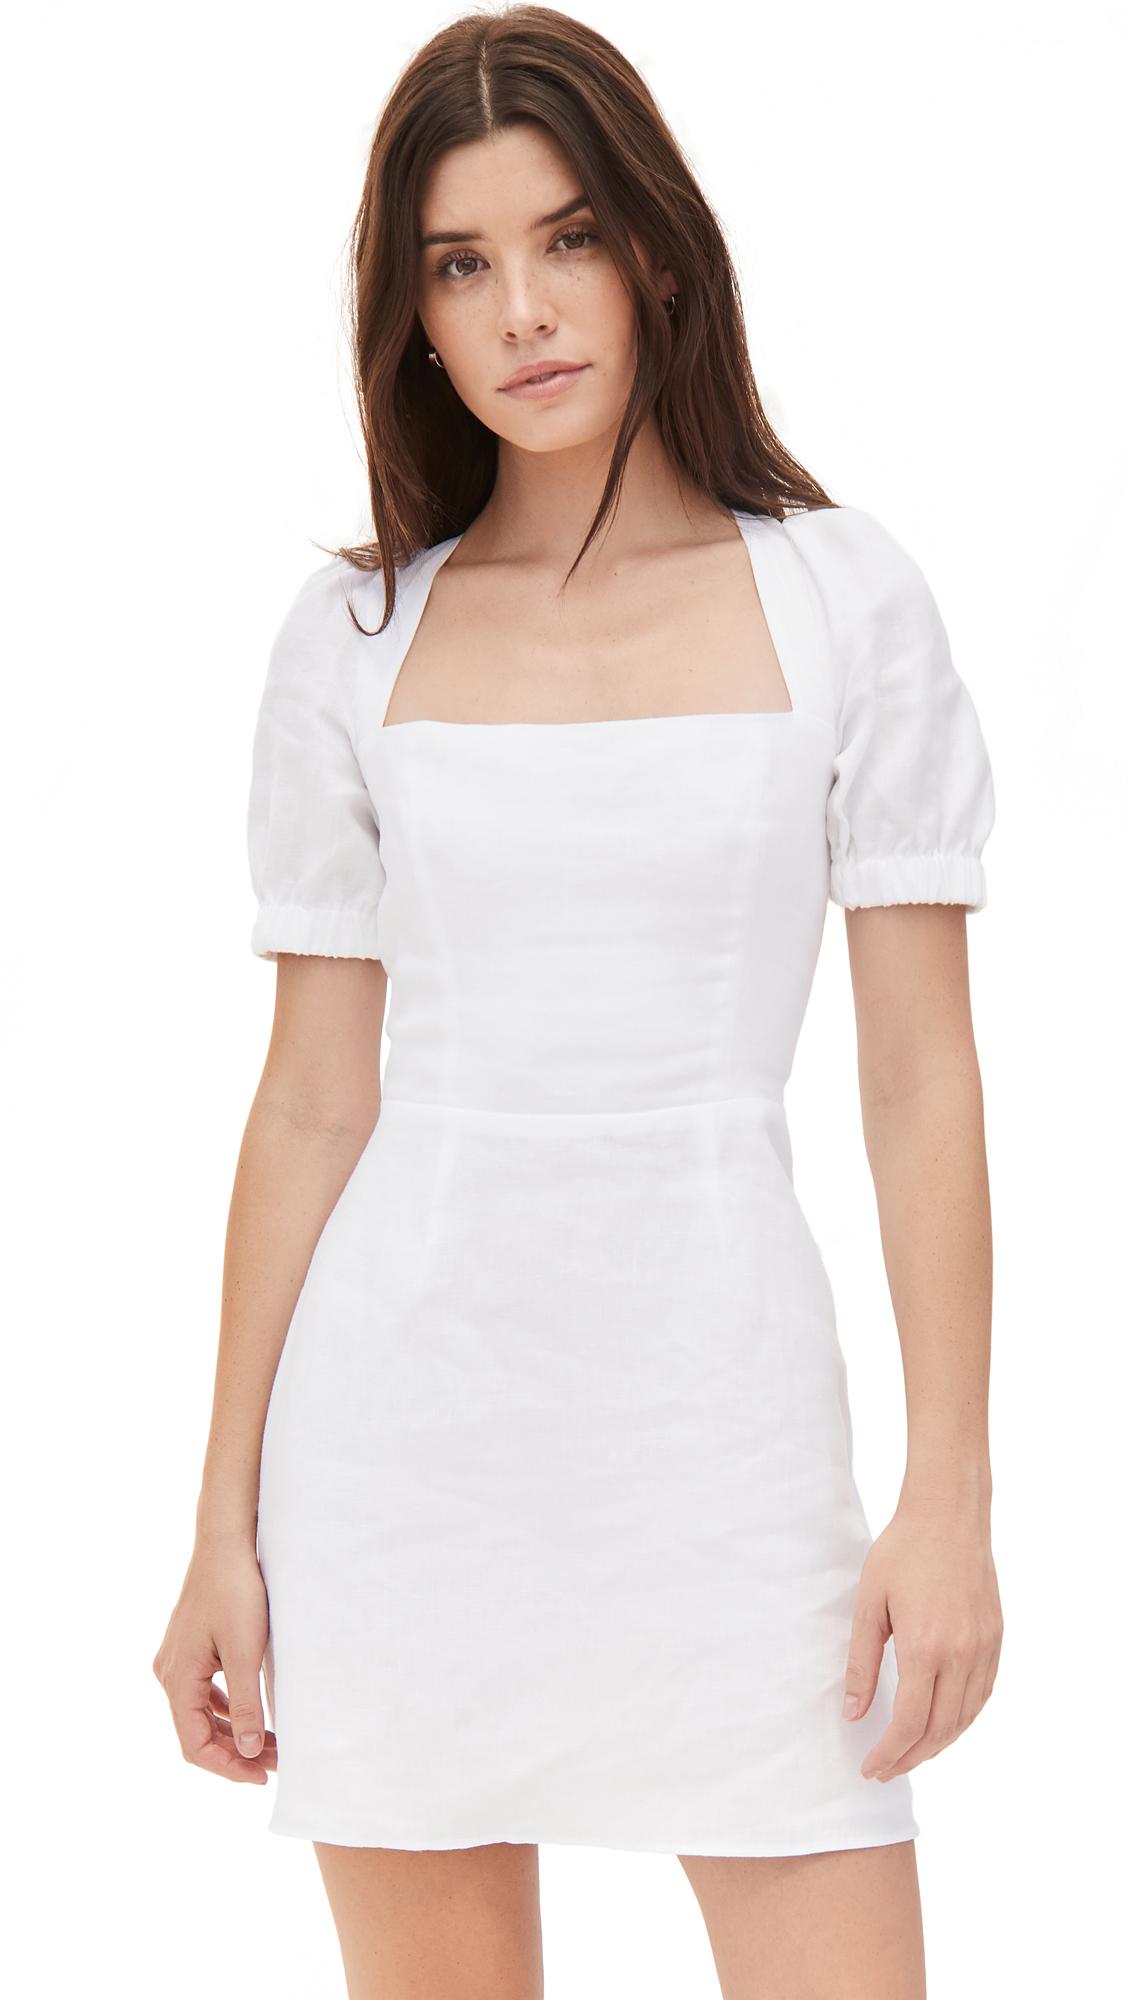 Reformation Lianne Dress